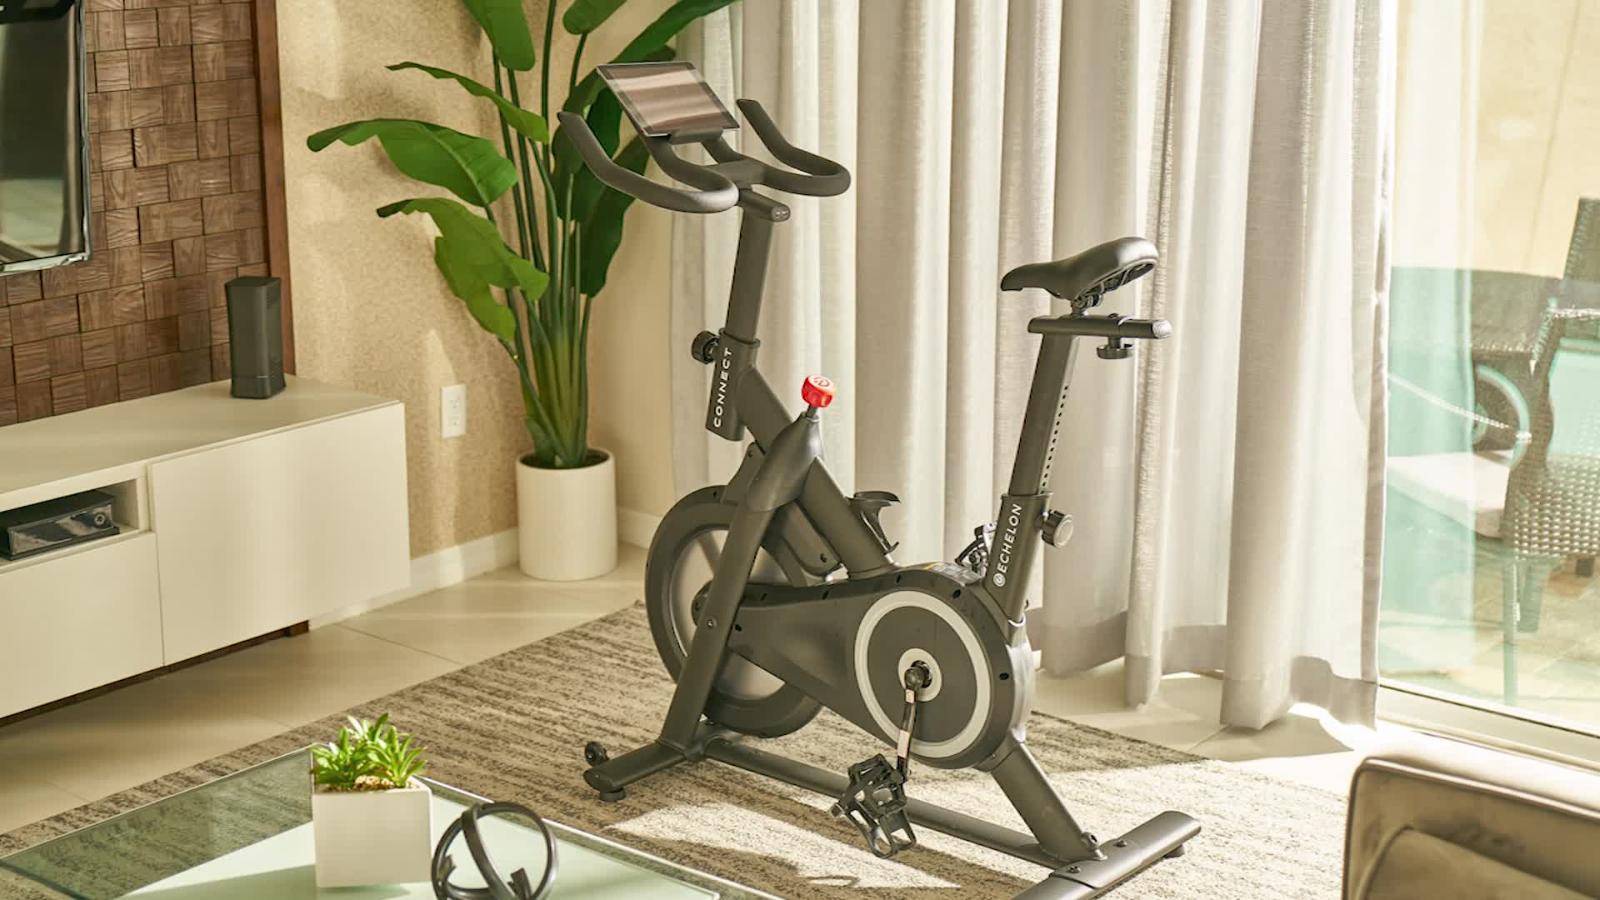 Beneficios de la bicicleta estática